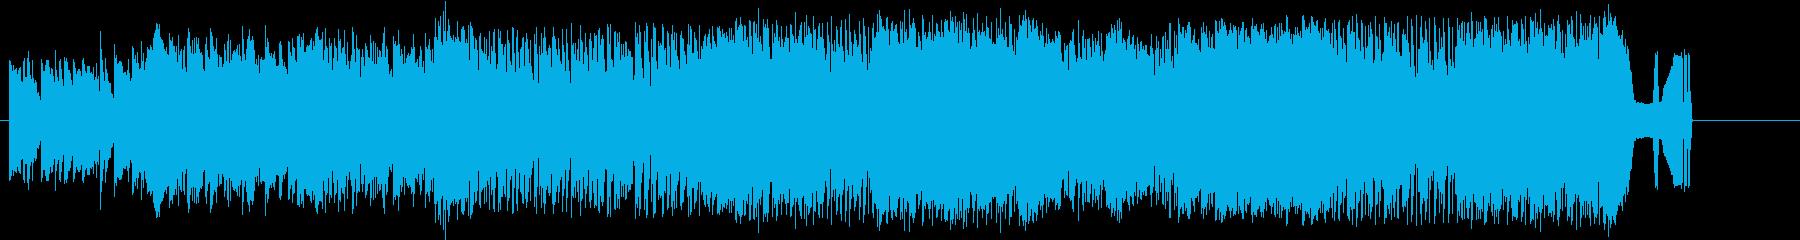 深刻化した問題を表現したドキュメントの再生済みの波形